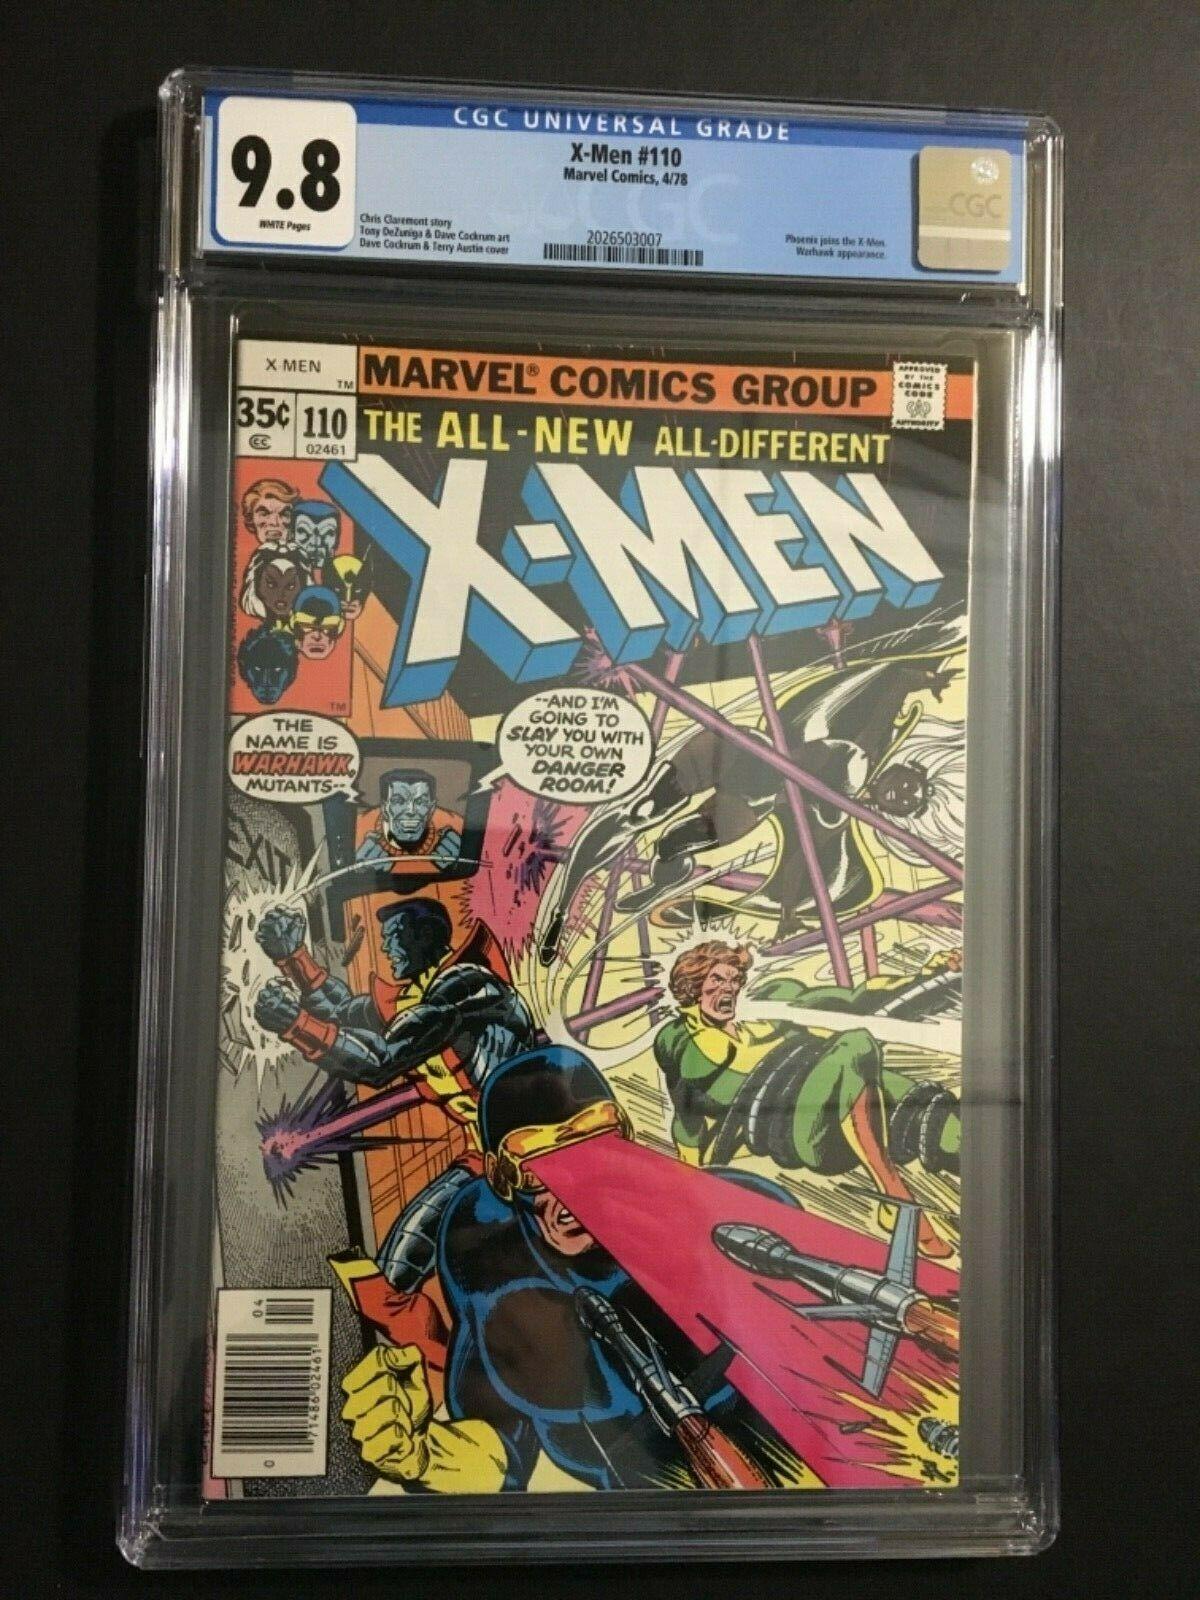 X-MEN UNCANNY #110 (4/78) CGC 9.8 NM/MT W/P PHOENIX JOINS THE X-MEN MARVEL